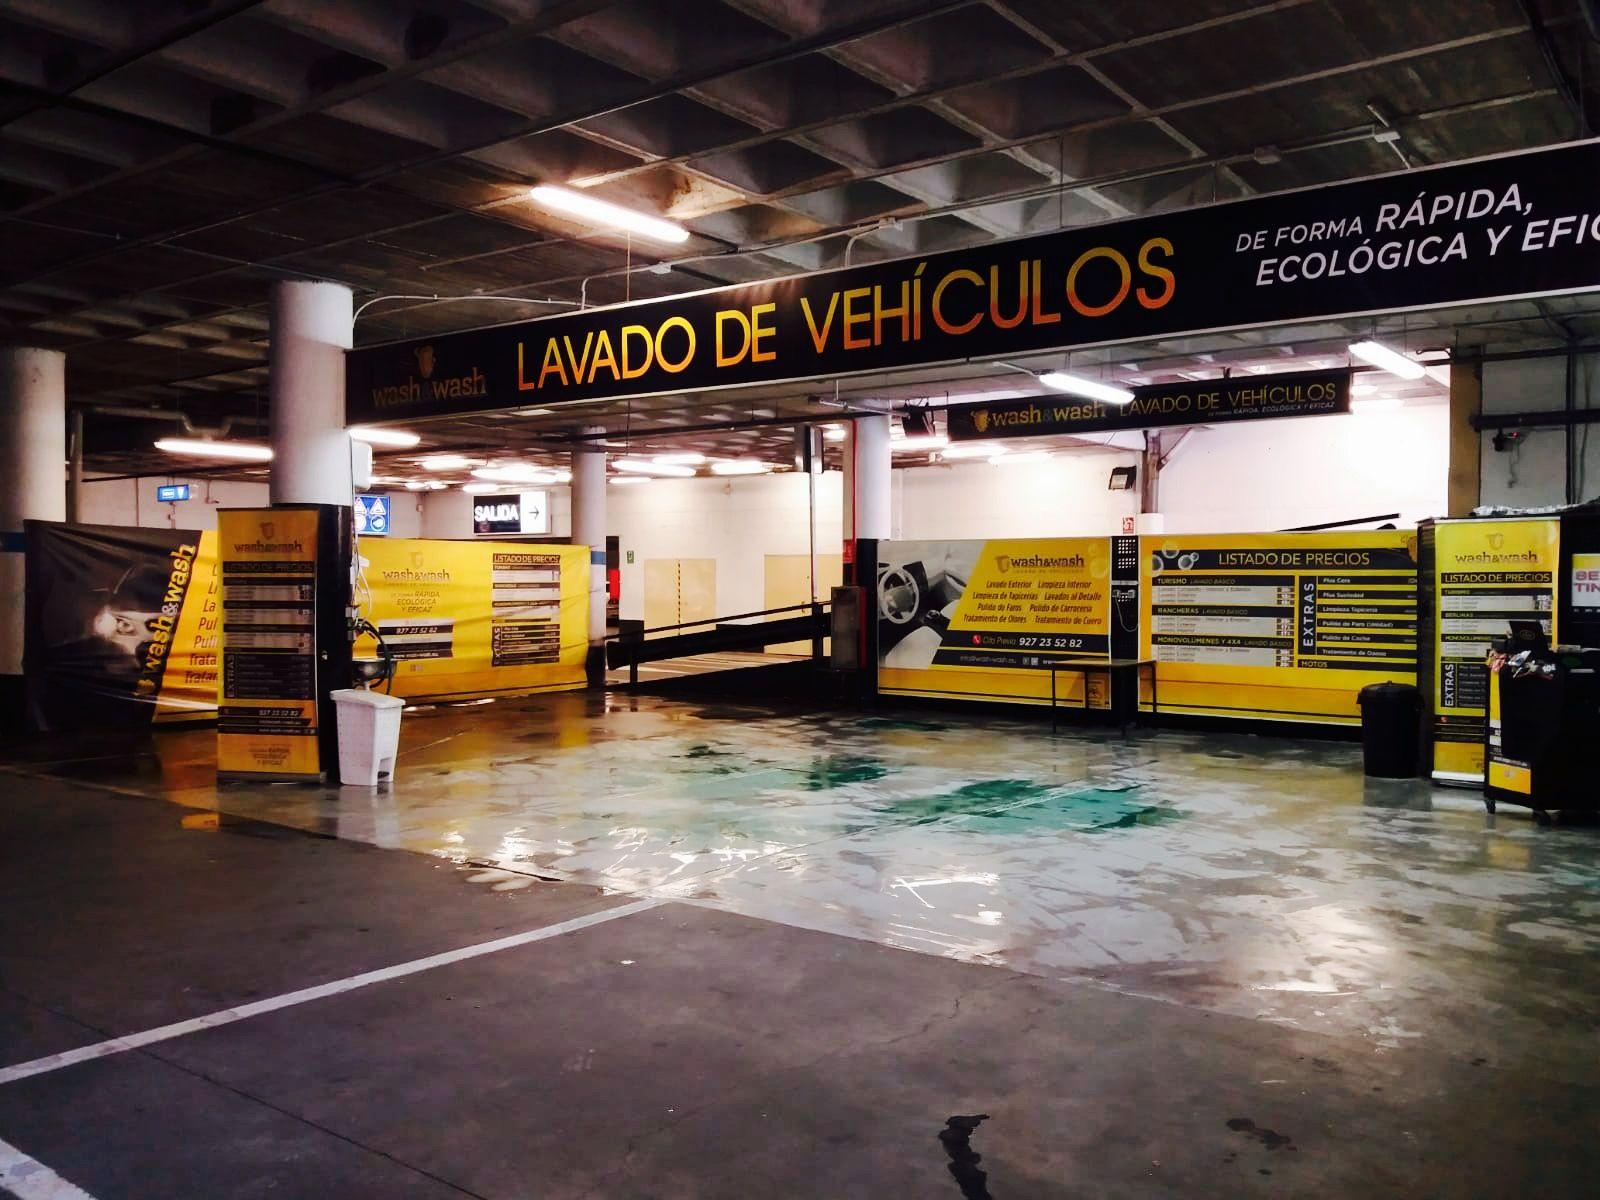 Lavado integral de vehículosen Cáceres